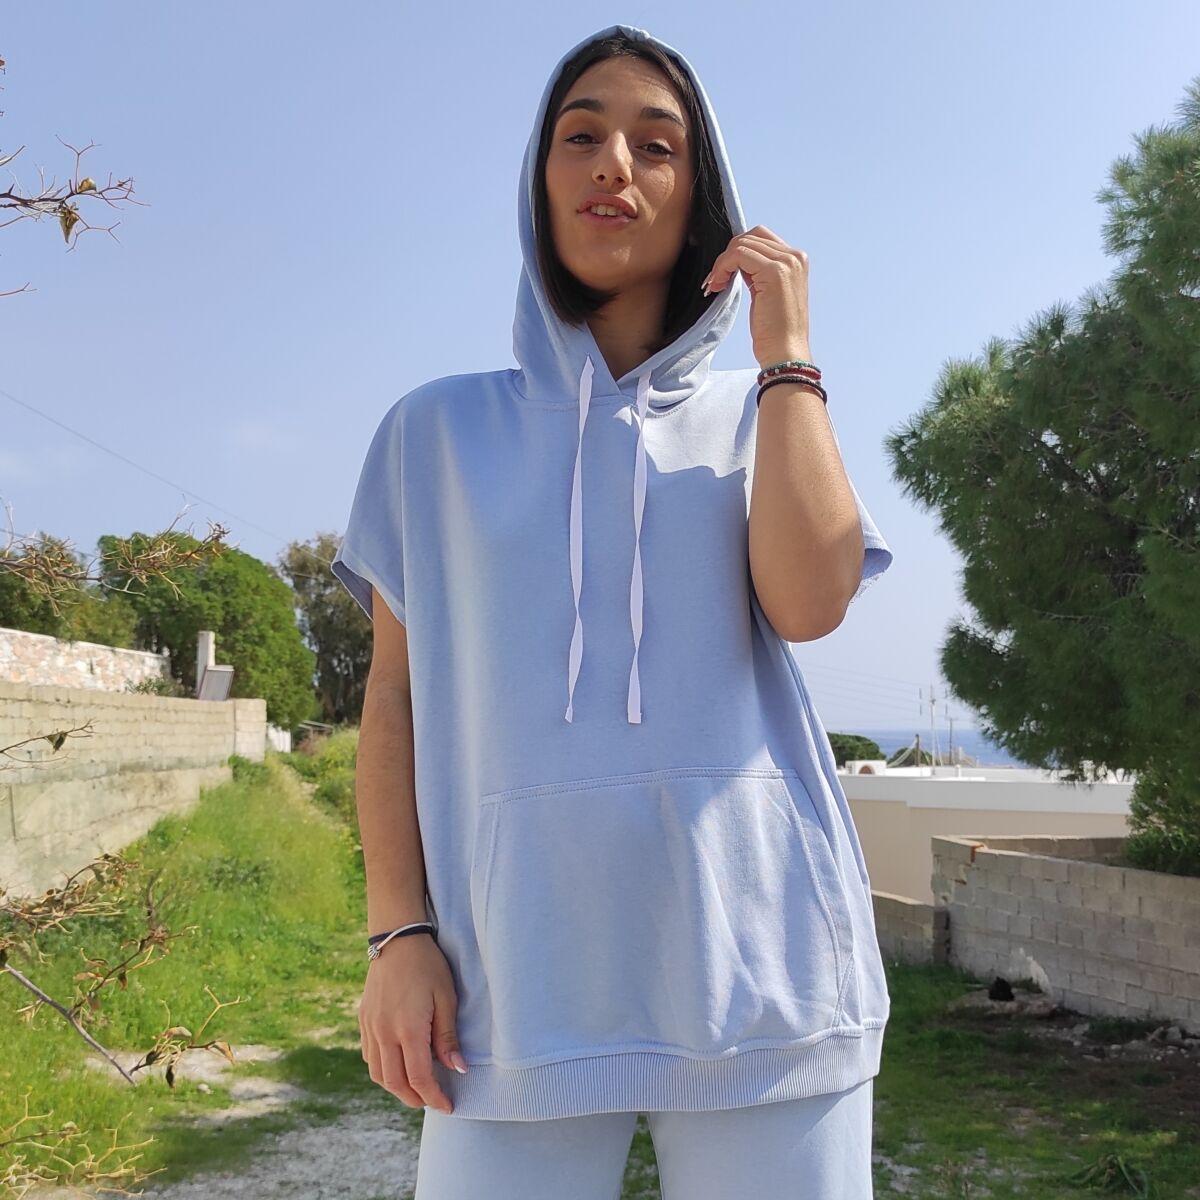 Μπλούζα φούτερ αμάνικι Μπλούζες Ρούχα αξεσουάρ 2